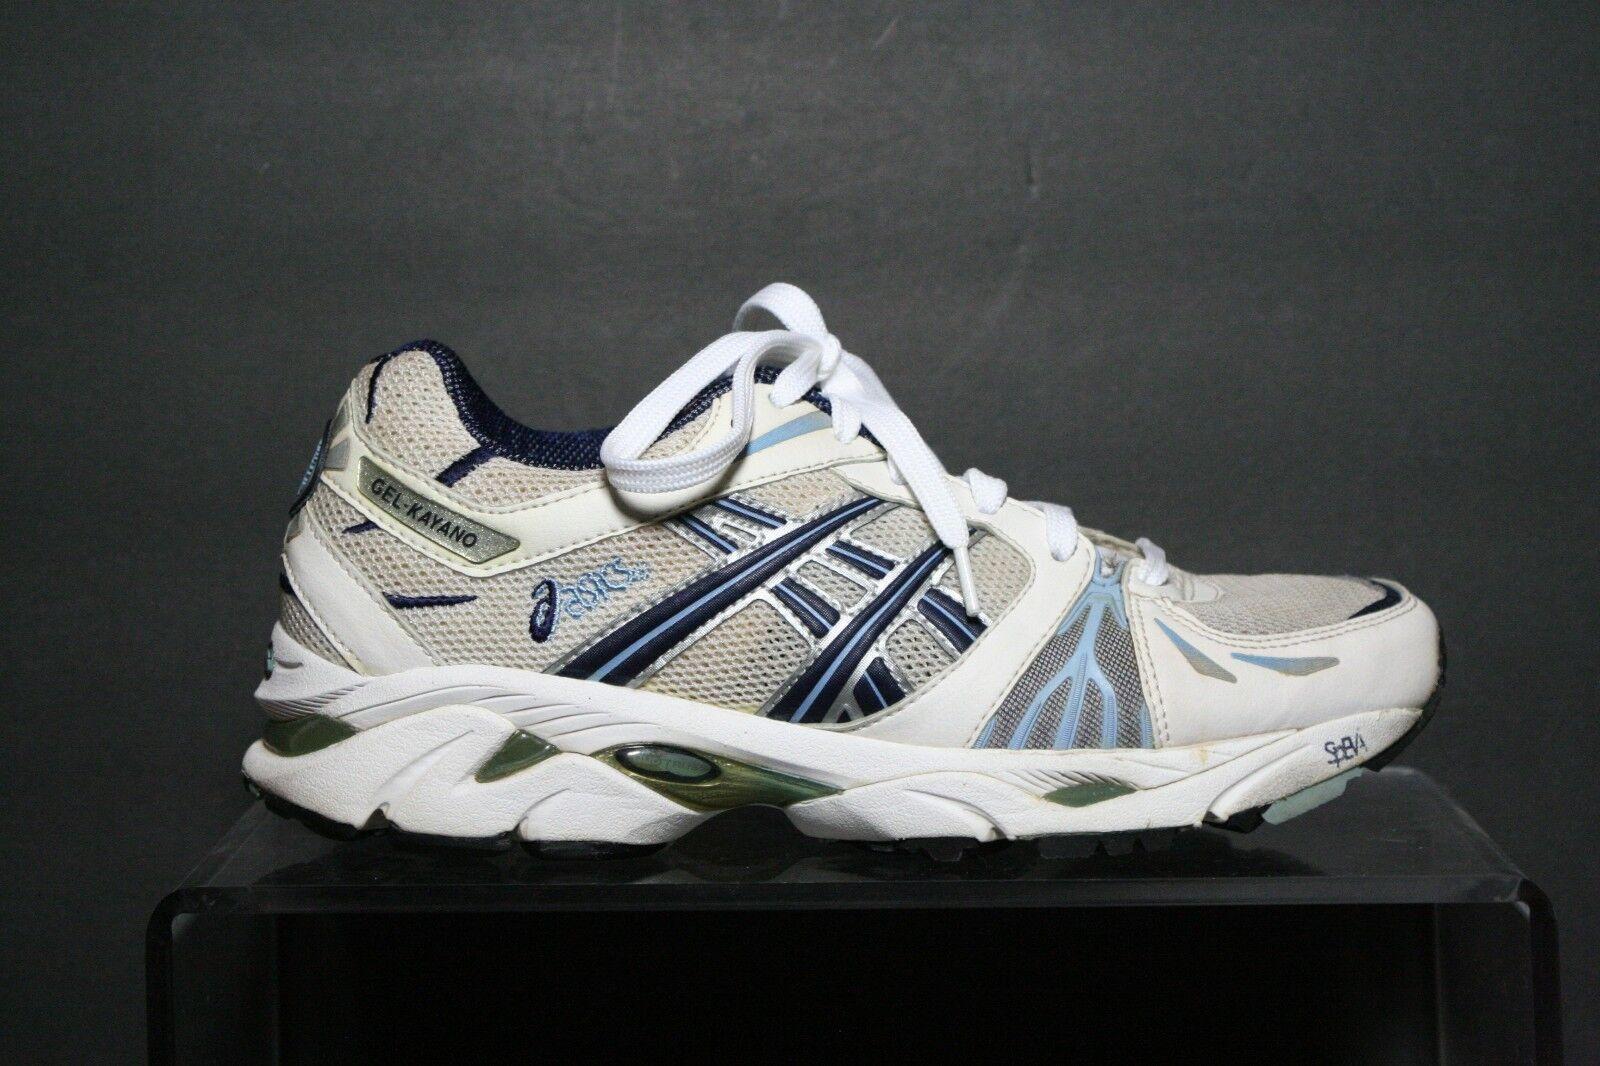 ASICS GEL Kayano VTG tn450 running mujer 8,5 Athletic multi y blanco azul DuoMax comodo y multi atractivo ccb10e